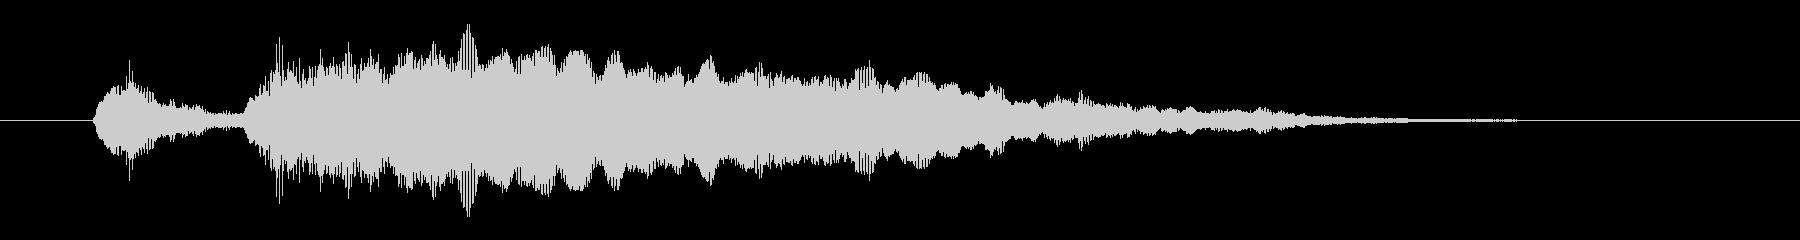 オーケストラ ジングルブラスアンド...の未再生の波形